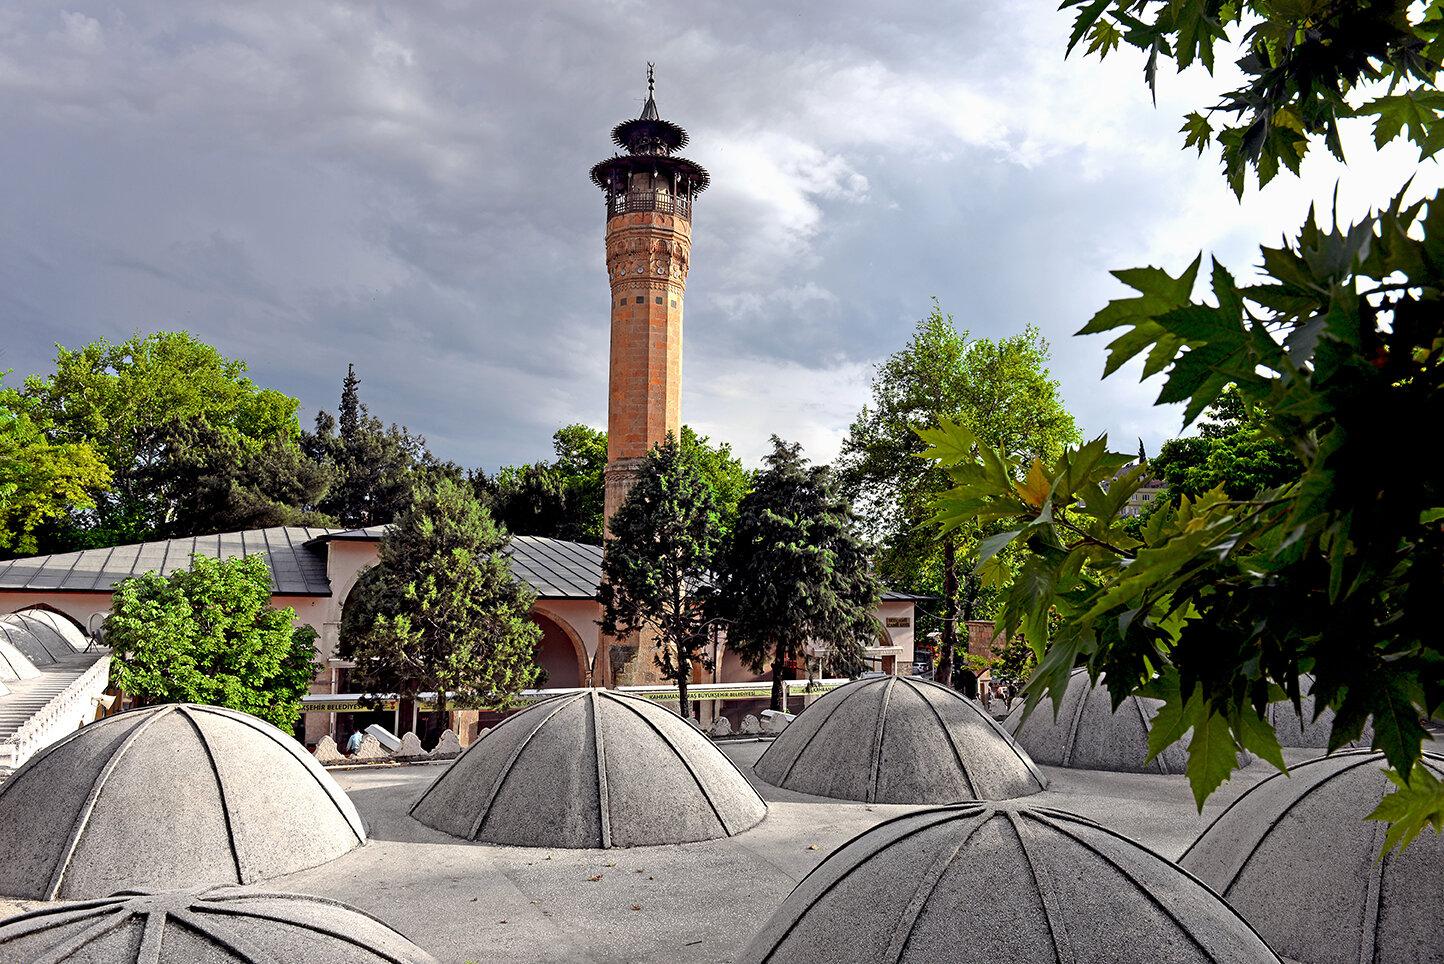 Kahramanmaraş Ulu Cami